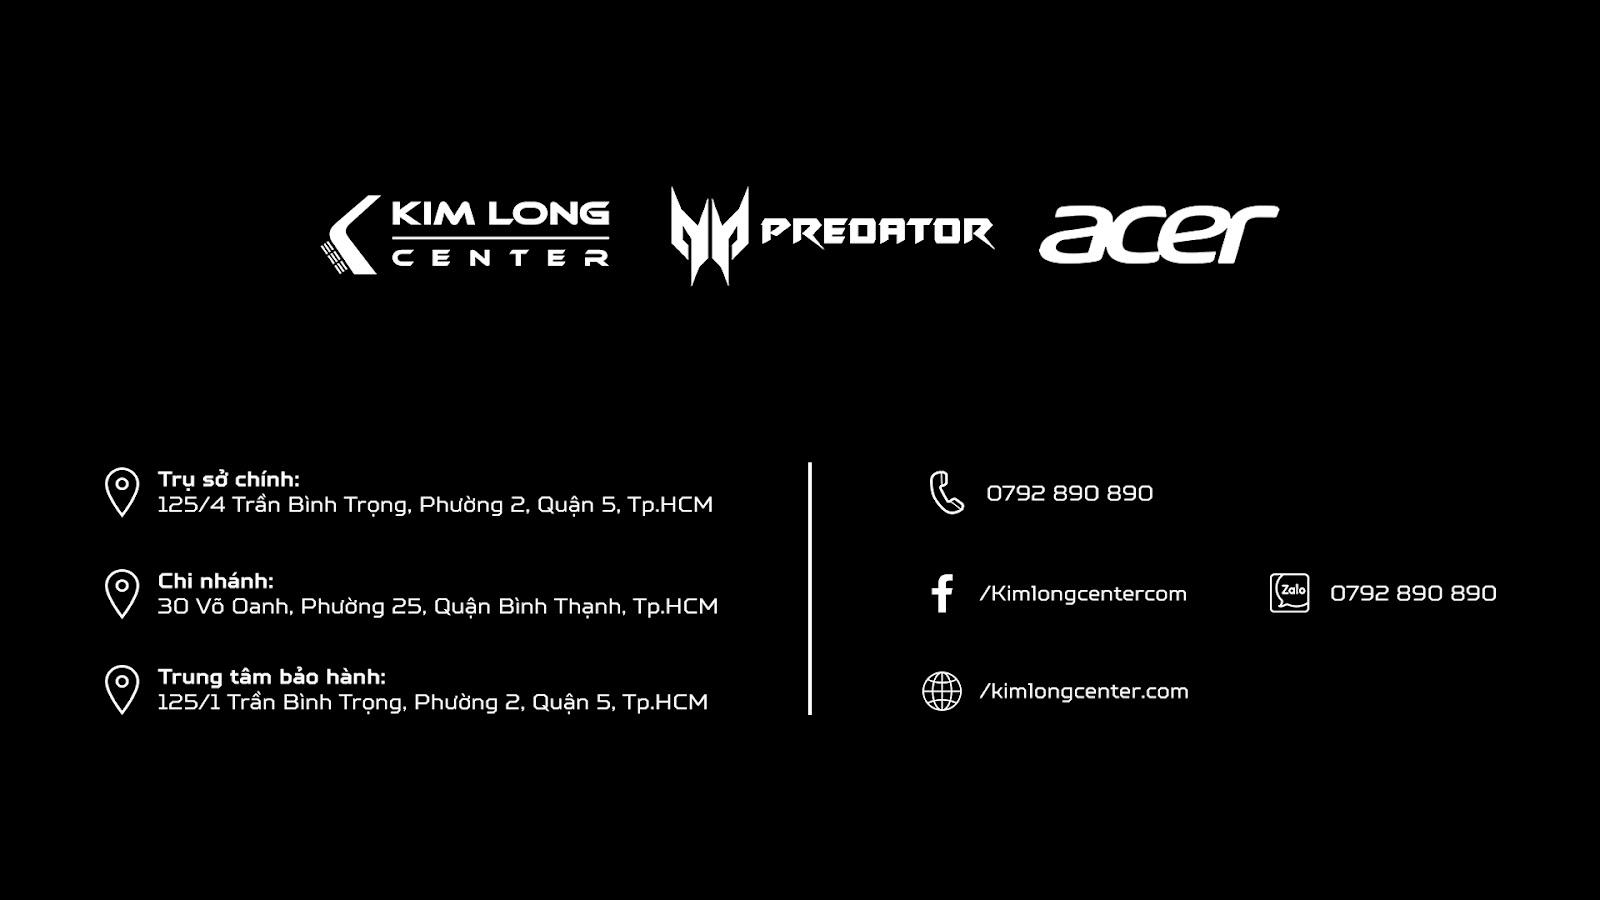 sự kiện acer predator